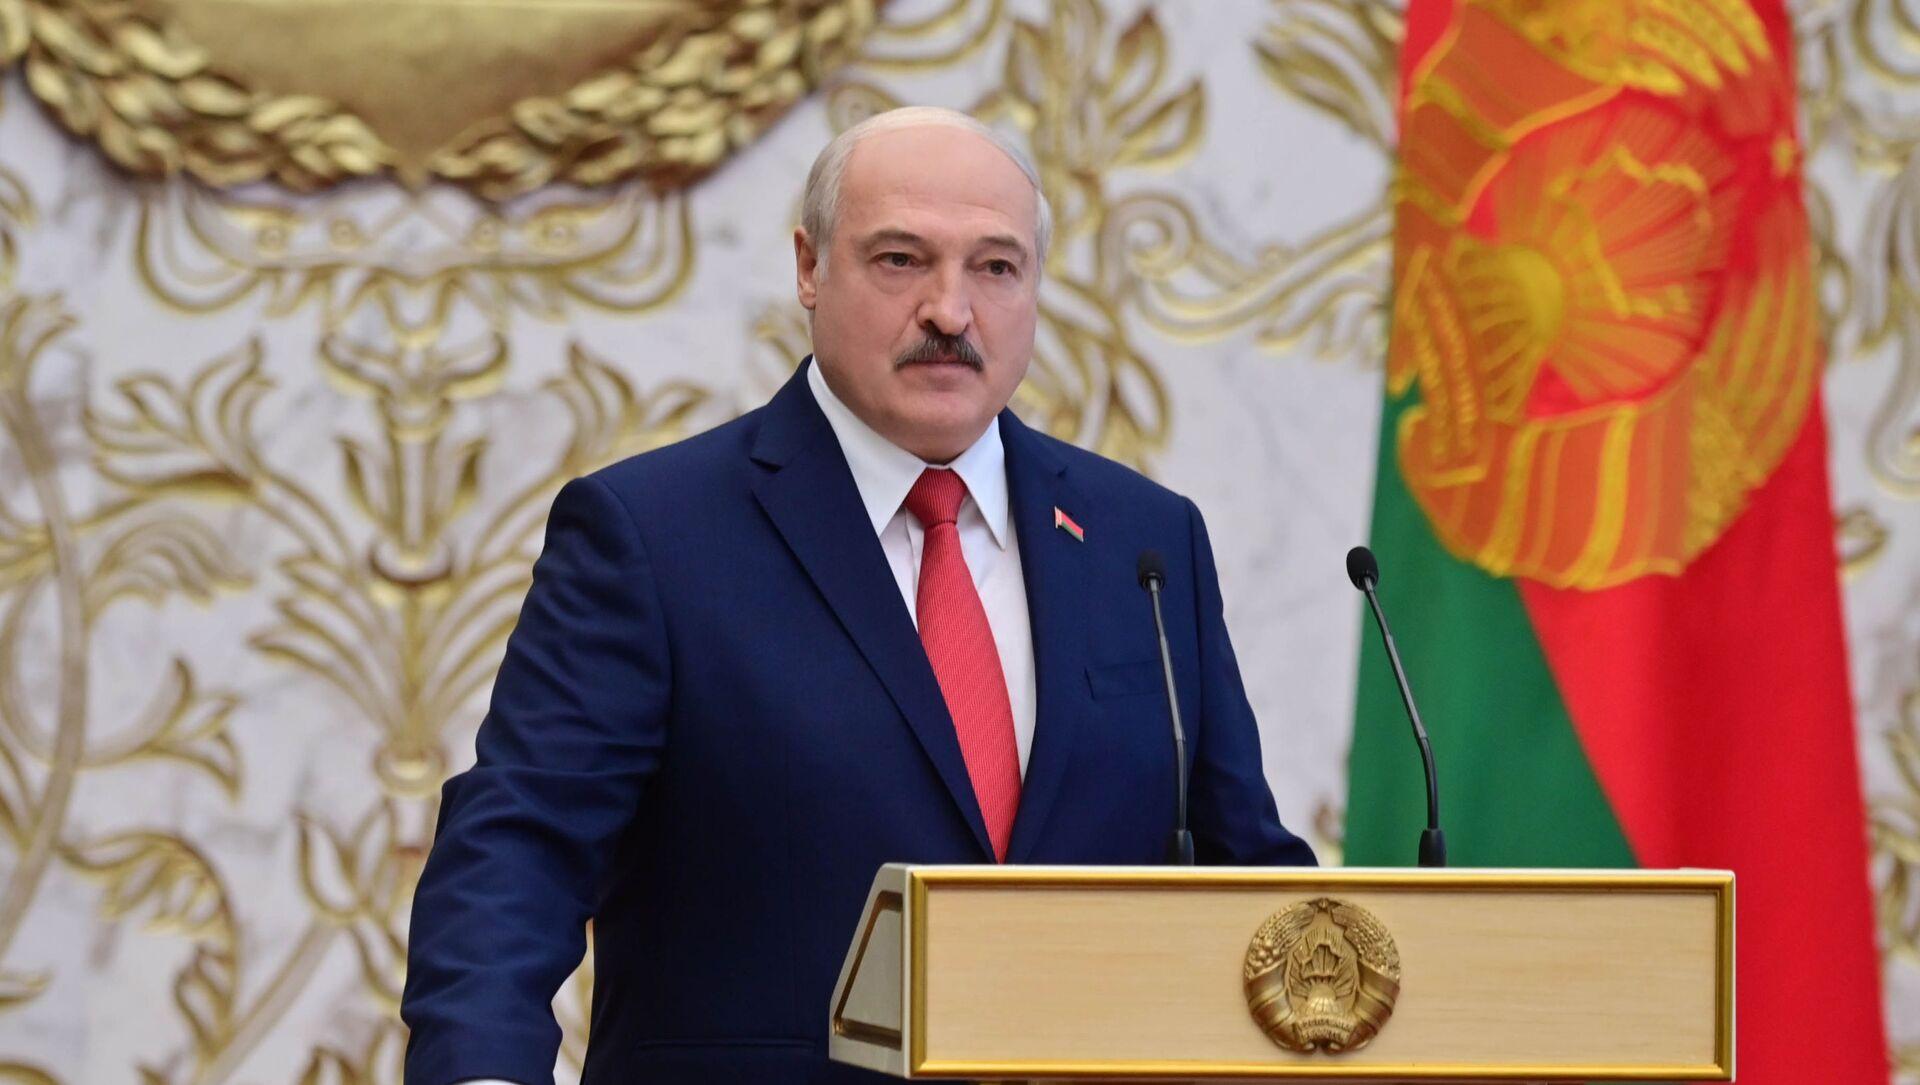 La investidura de Alexandr Lukashenko en Bielorrusia - Sputnik Mundo, 1920, 29.01.2021